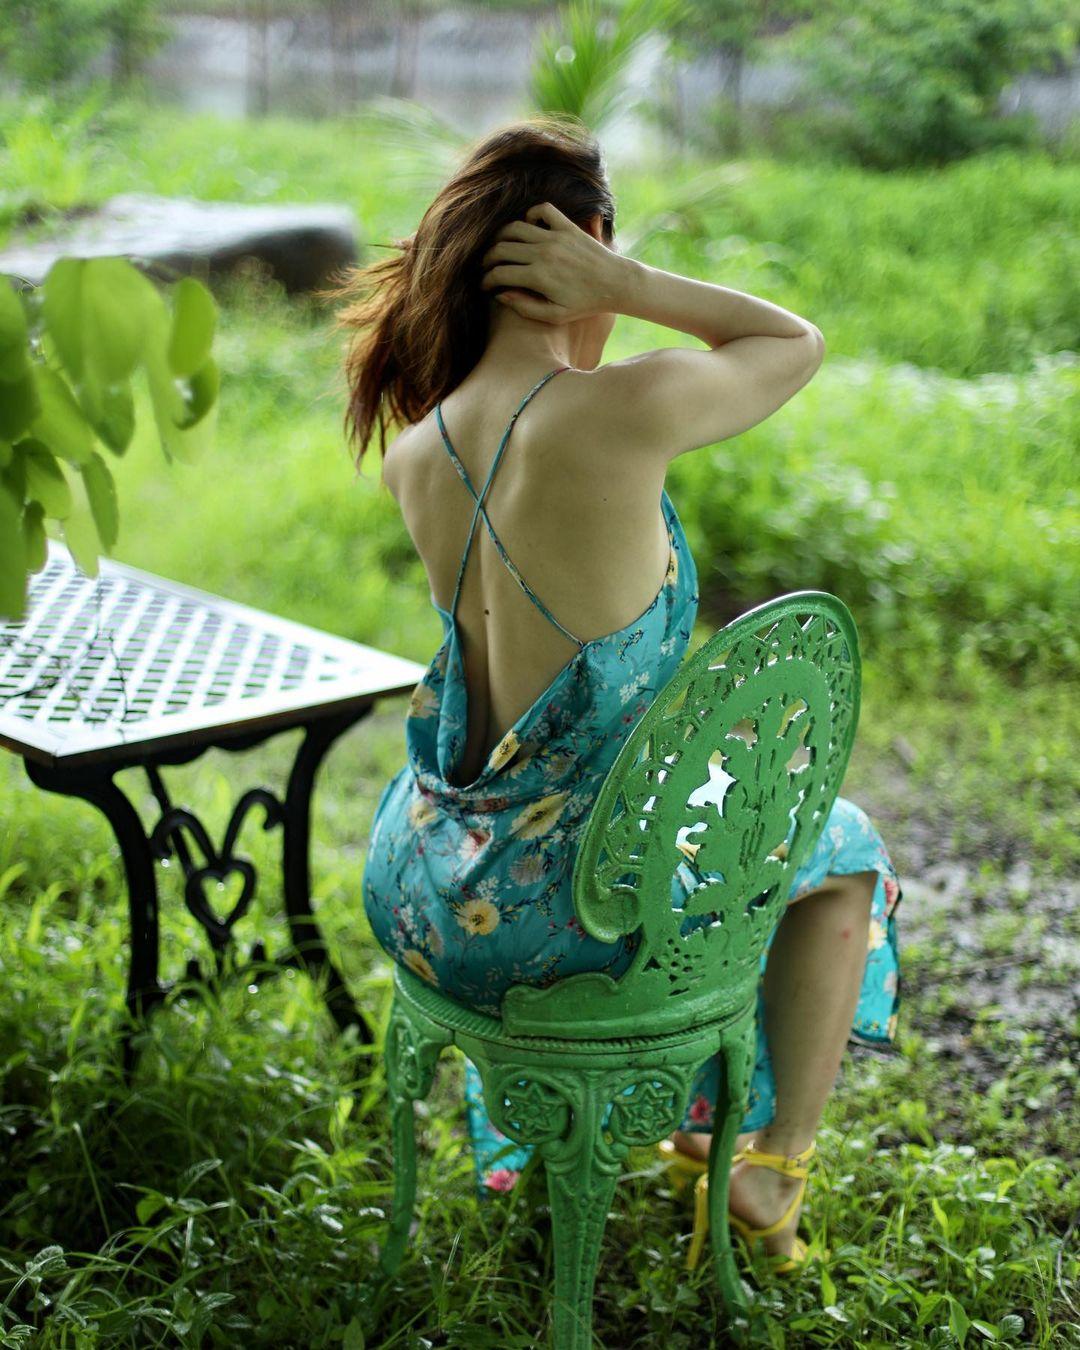 ఇలా ఆమె బోల్డ్ ఫొటోషూట్పై కొన్ని ప్రశంసలు, కొన్ని విమర్శలు వచ్చాయి. ఏది ఏమైనా ఈ ఫొటోలు మాత్రం సోషల్ మీడియాలో షేర్ అవుతూనే ఉన్నాయి. నచ్చలేదు అంటూనే కొంత మంది వీటిని చూస్తున్నట్లున్నారు. (image credit - instagram - iamsanjeeda)